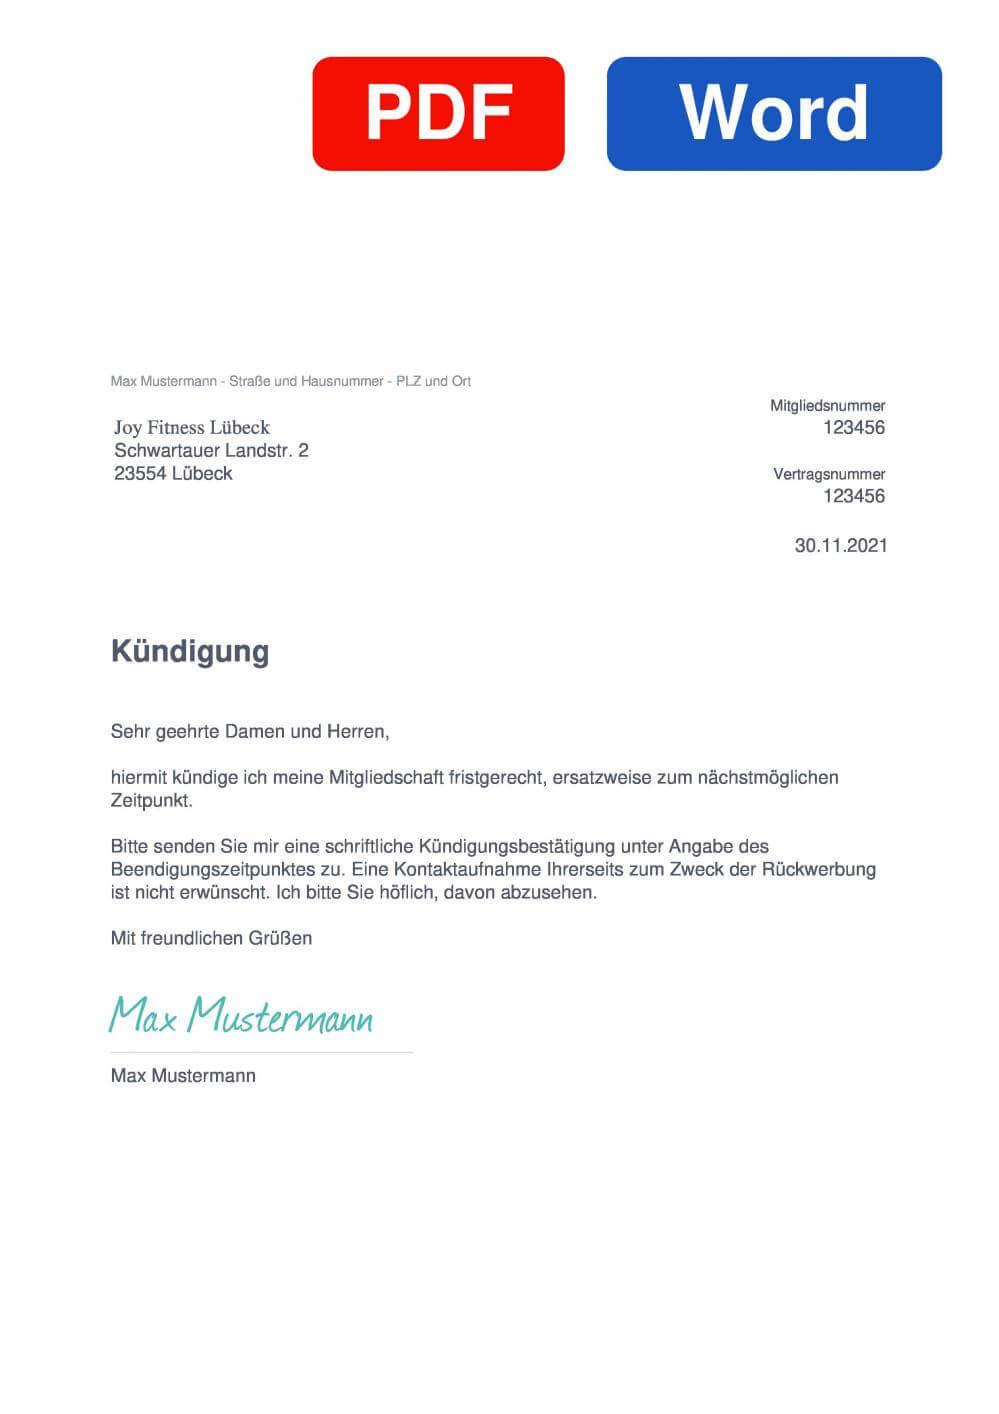 JOY Fitness Lübeck Muster Vorlage für Kündigungsschreiben